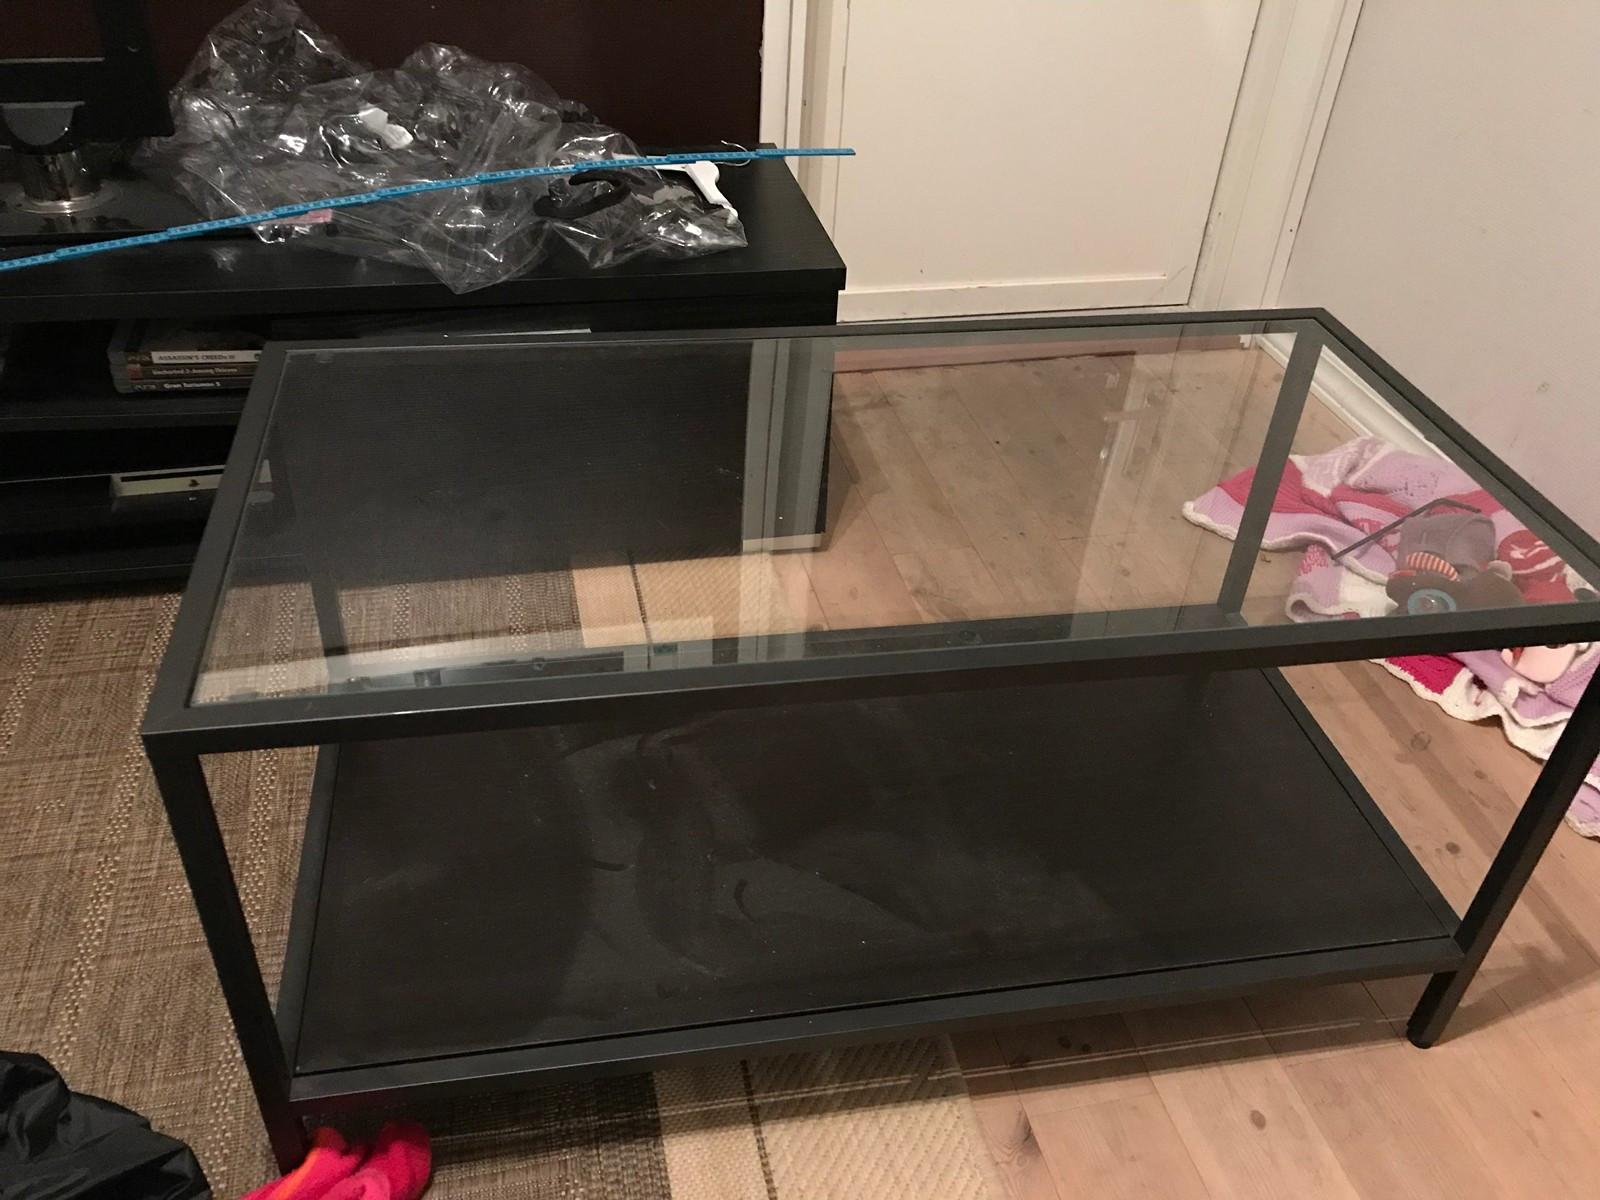 Sofabord/glassbord - Bønes  - Brukt glassbord god bort mot henting.  Lite aktivt brukt, og fremstår i god stand.  Mål: 90x45x45 - Bønes